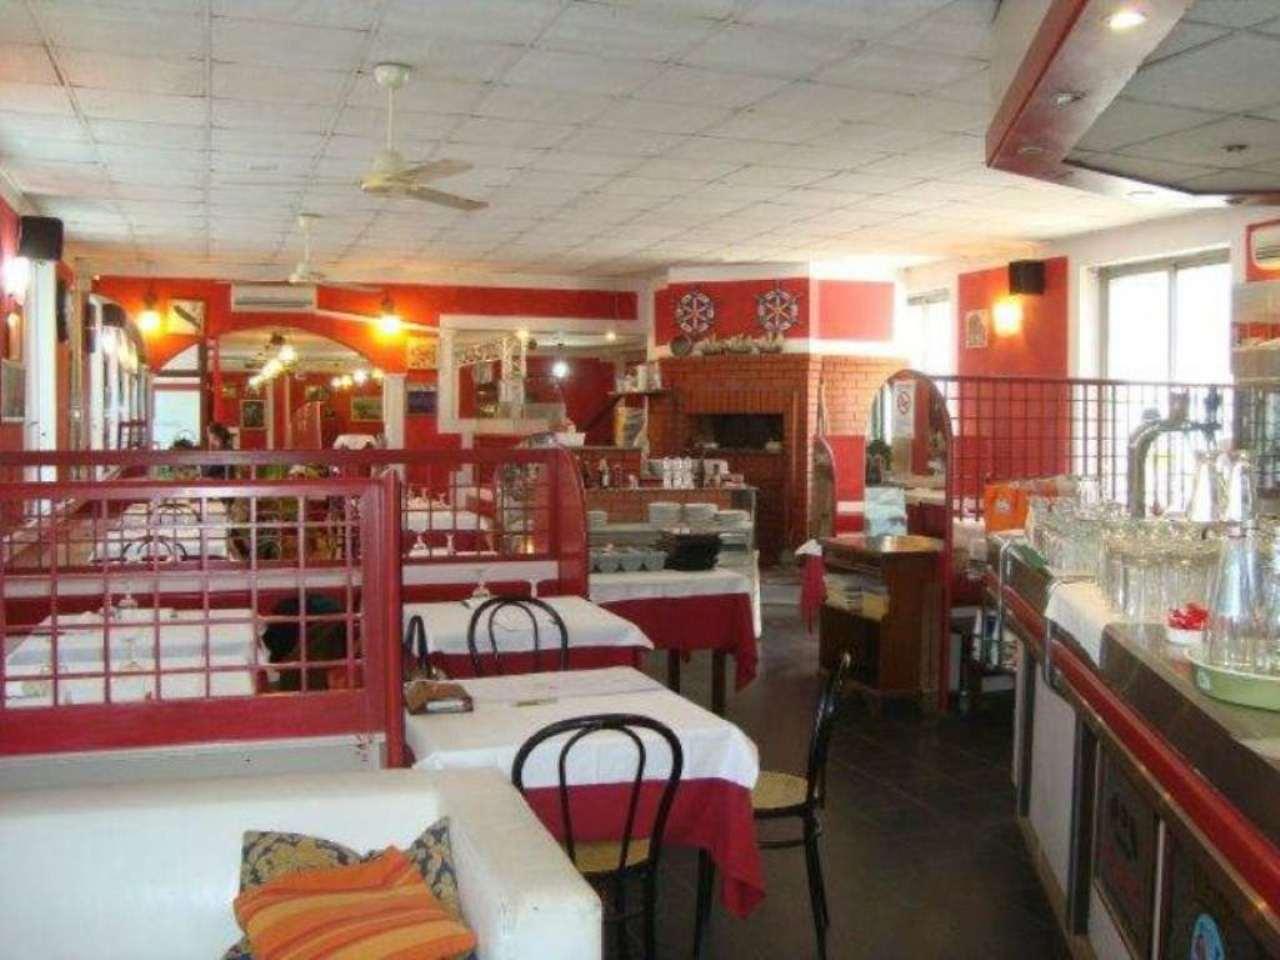 Ristorante / Pizzeria / Trattoria in vendita a Beinasco, 3 locali, prezzo € 115.000   Cambio Casa.it